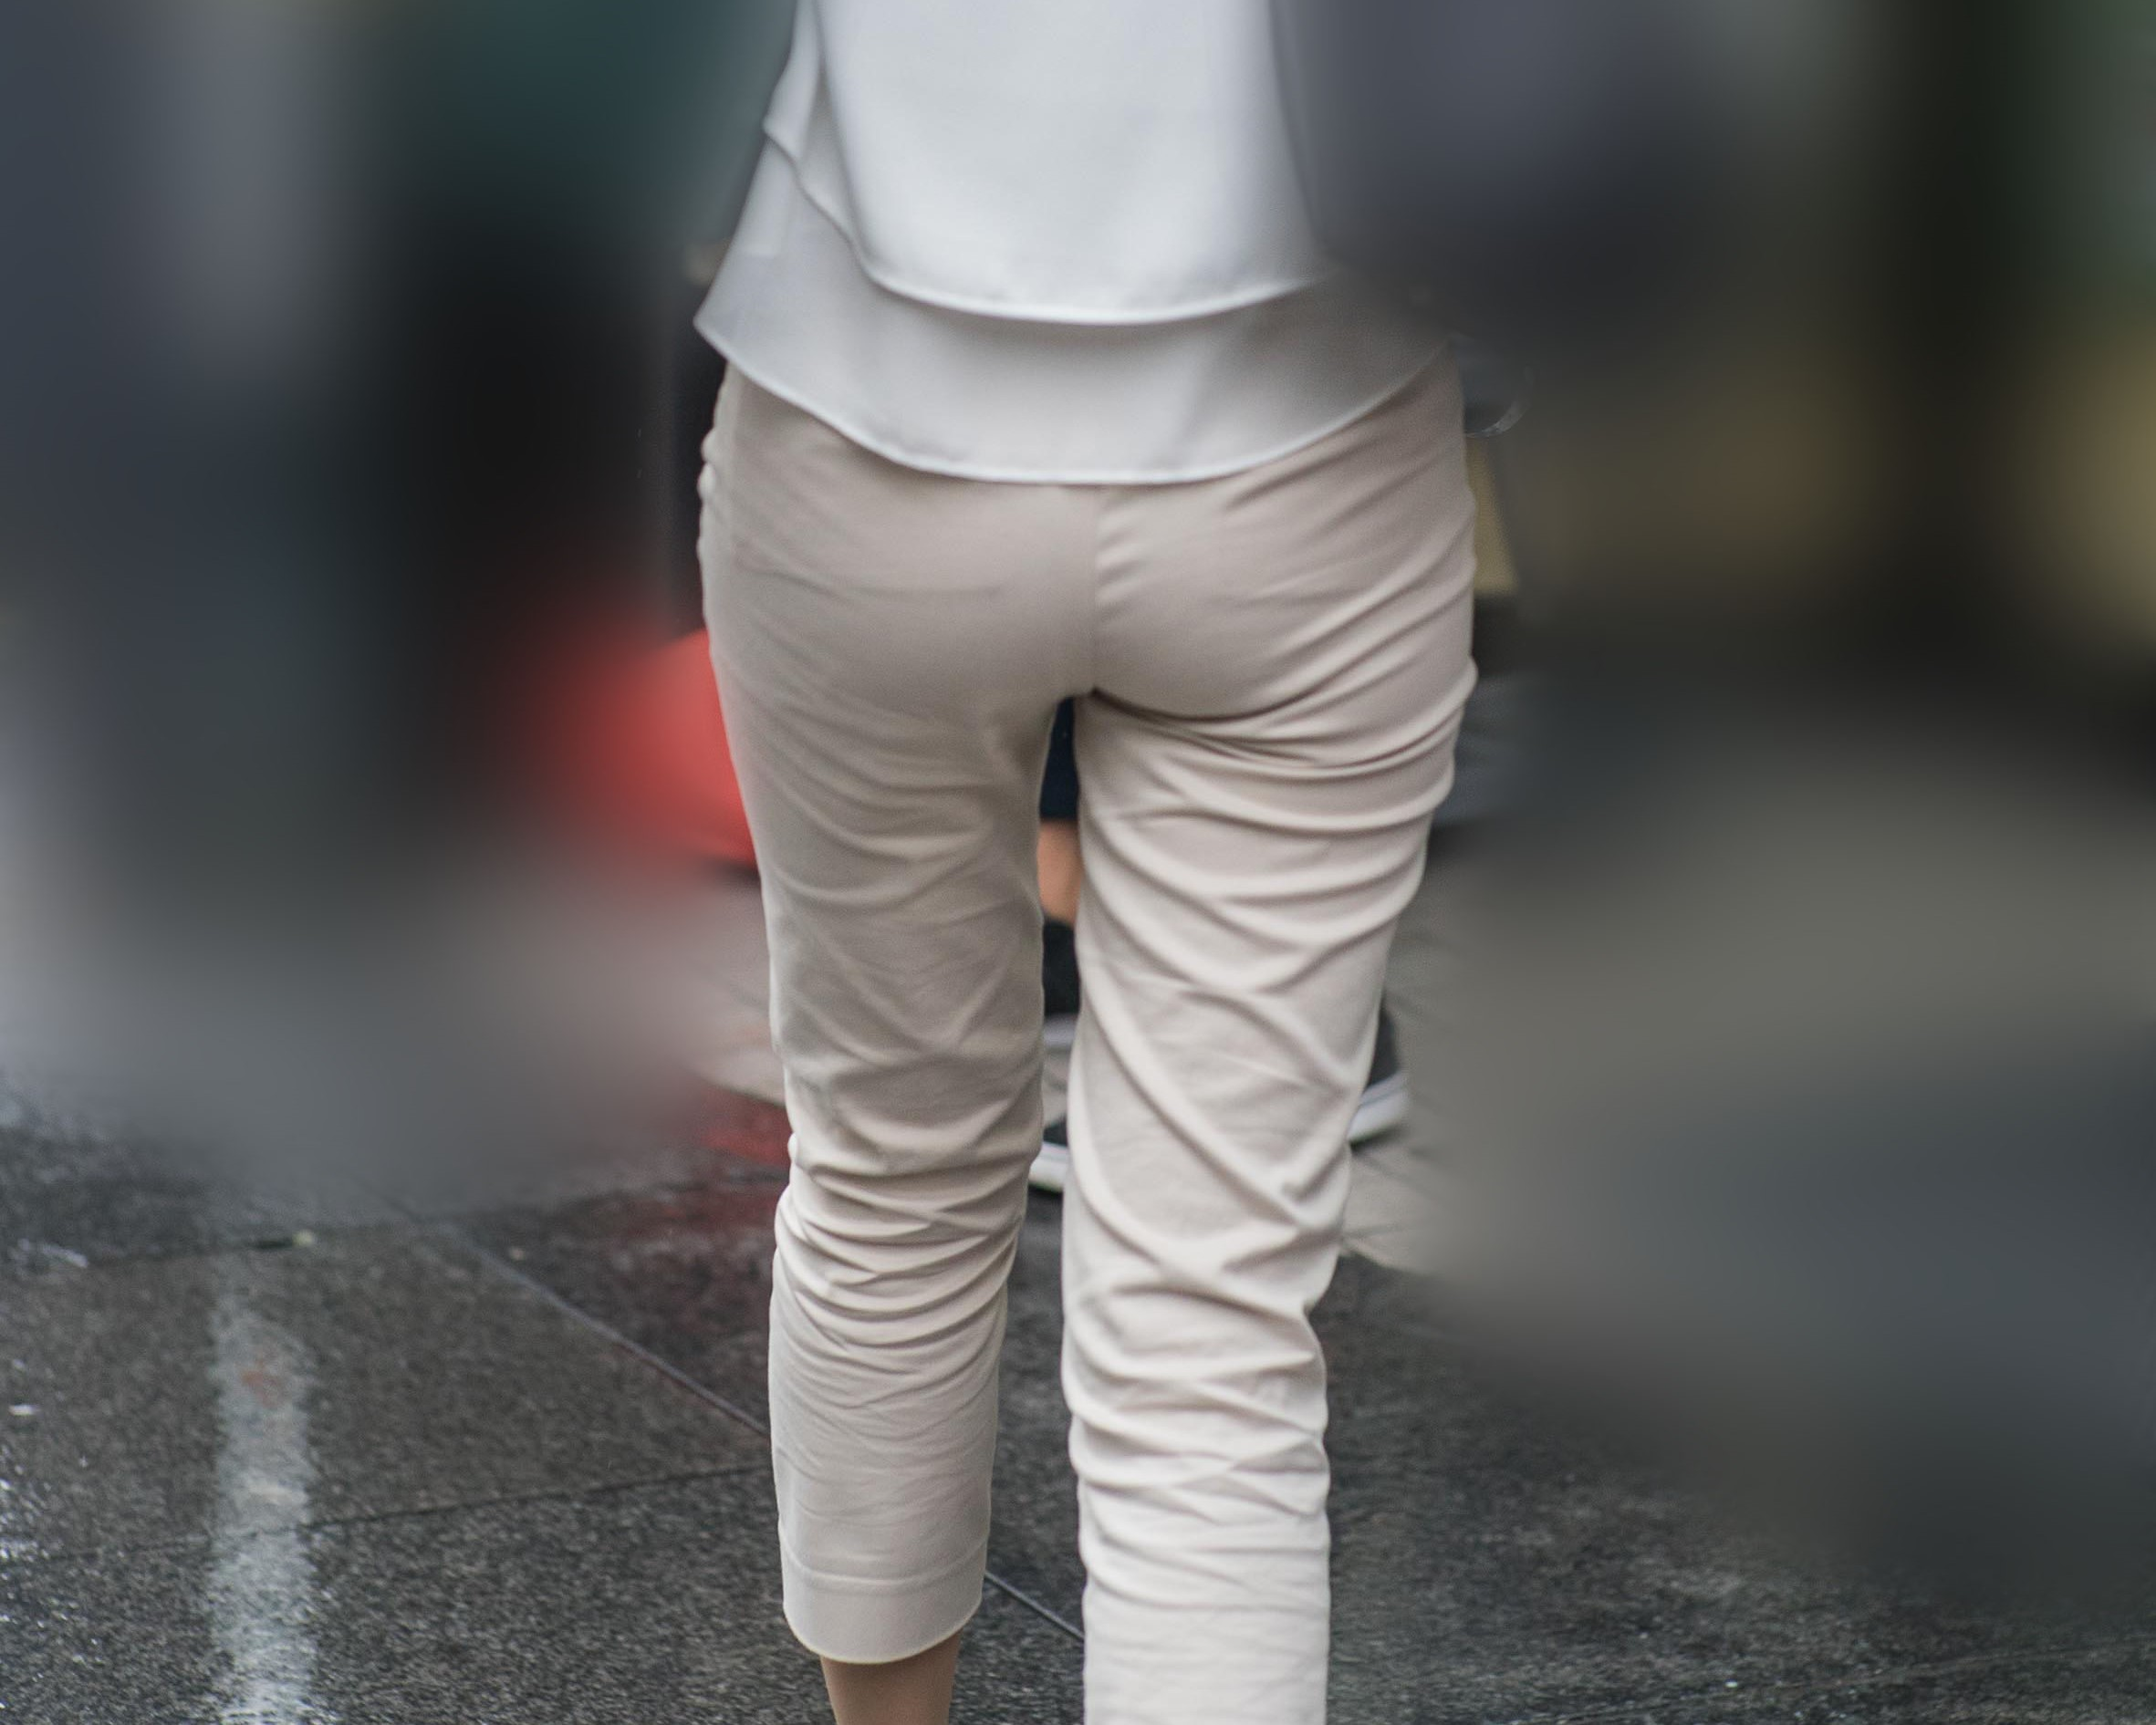 ズボン越しのパンティラインを隠し撮り!